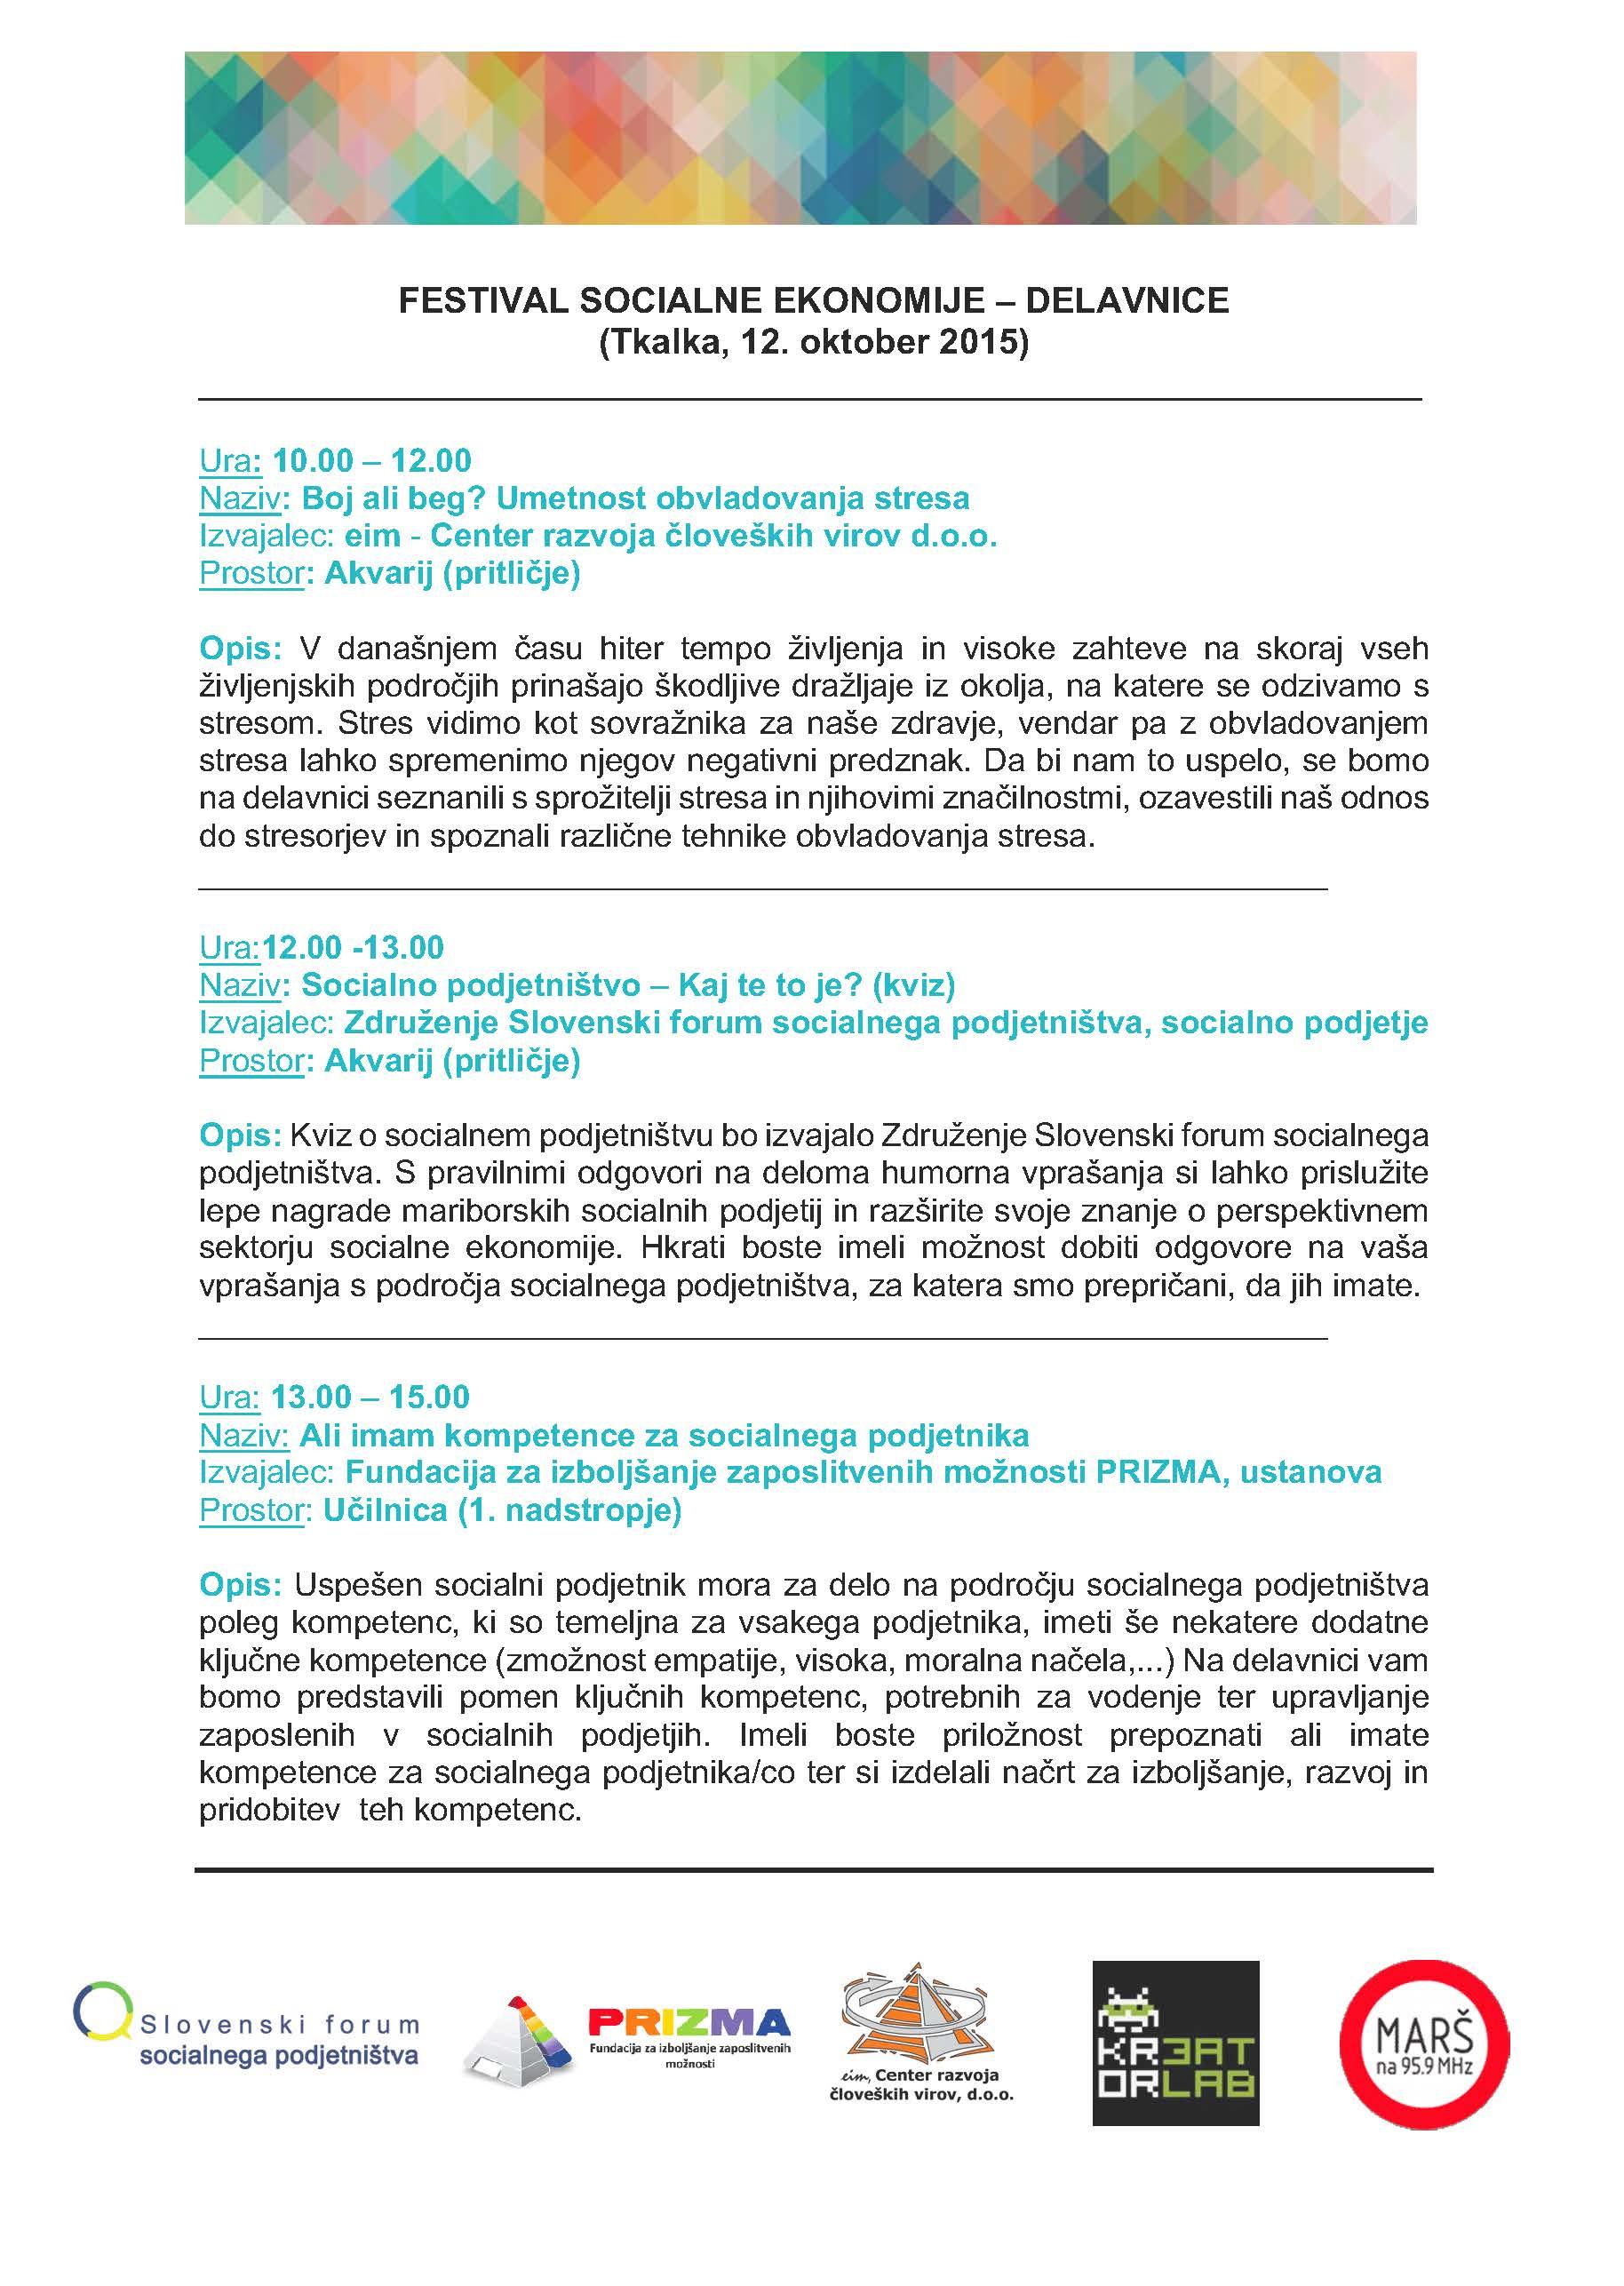 Opis delavnic - Festival socialne ekonomije_Page_1